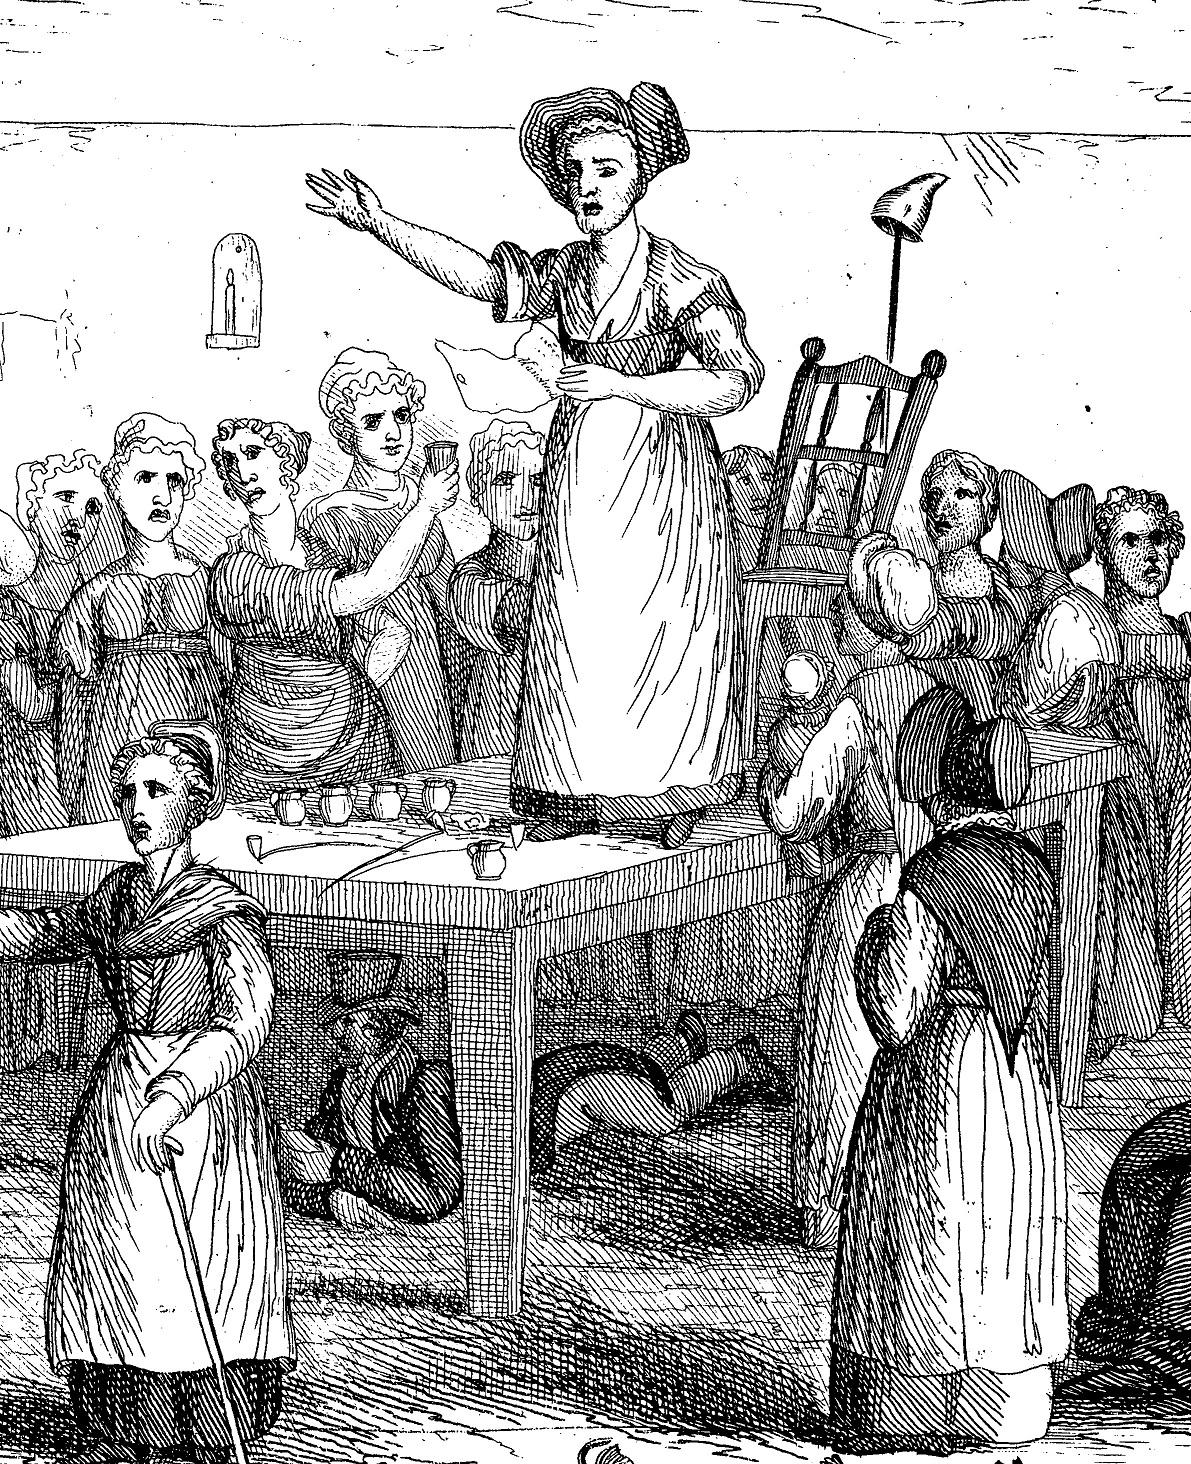 Females reformers